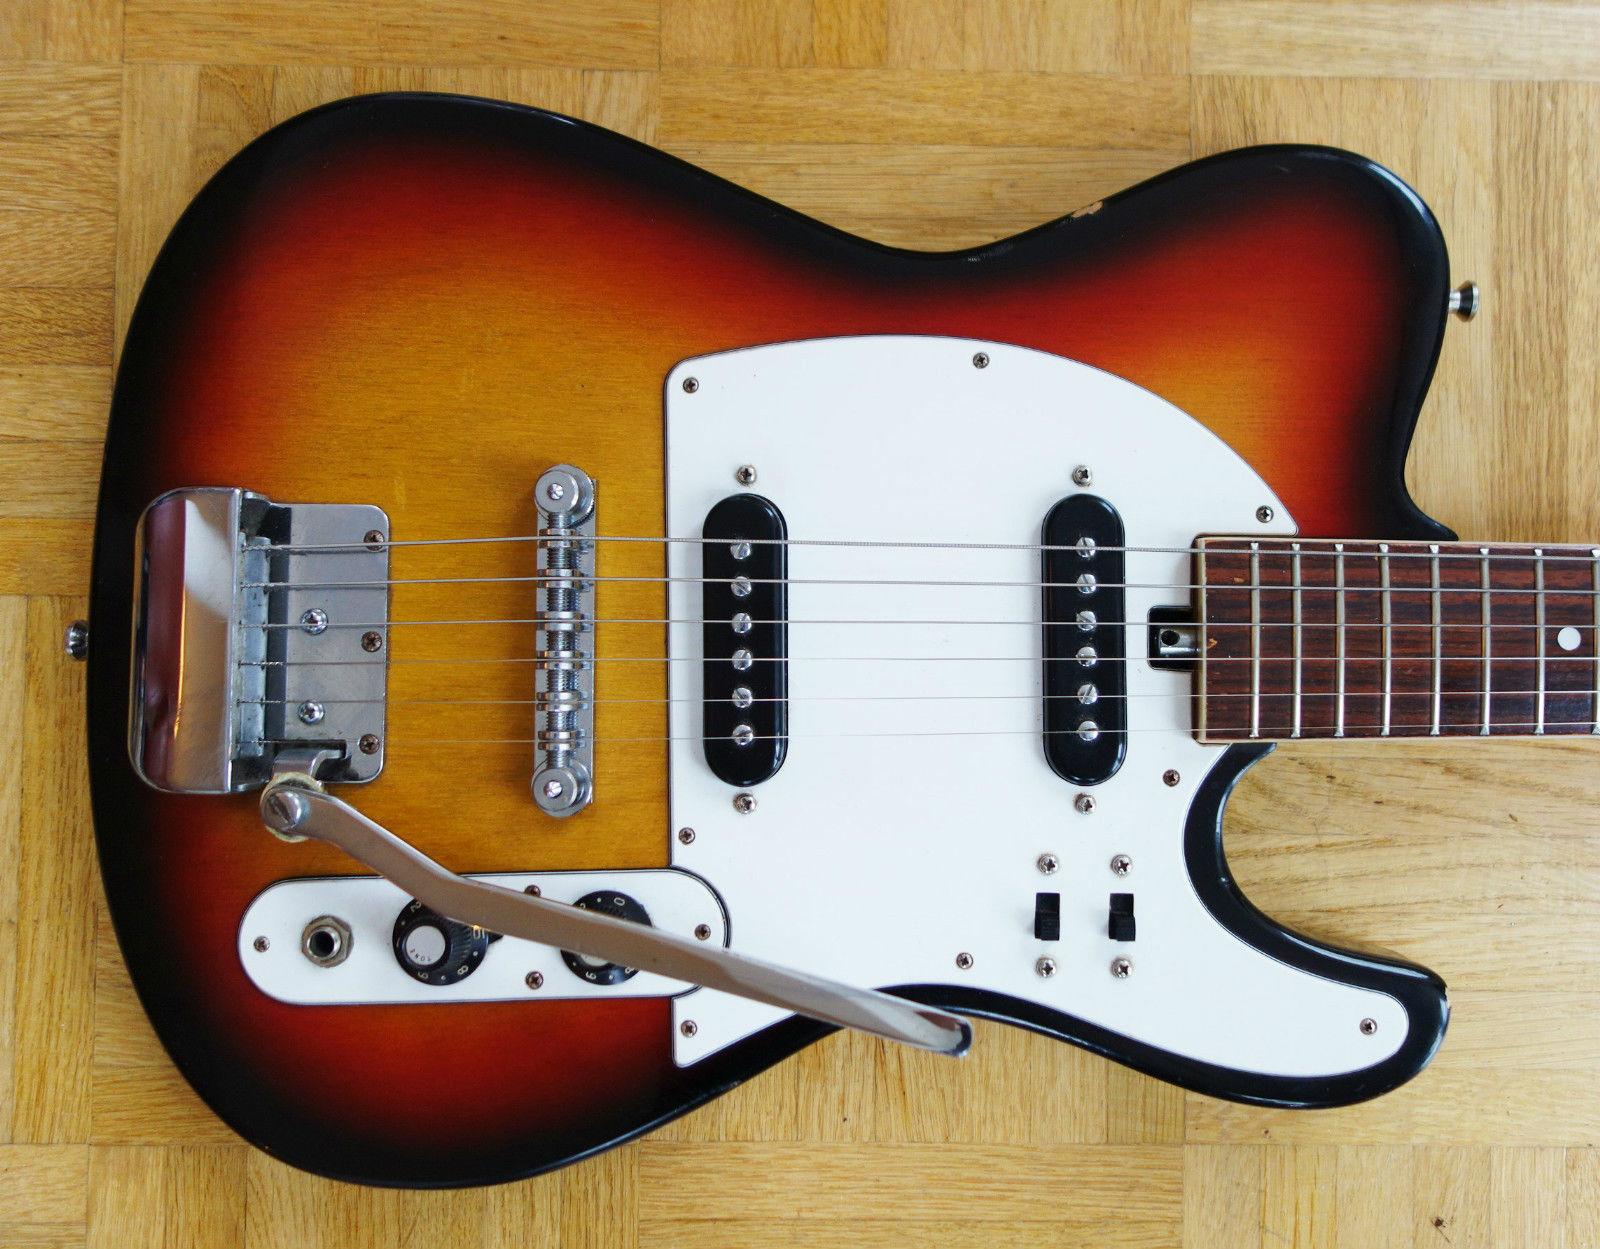 teisco telecaster style 1960 39 s sunburst guitar for sale. Black Bedroom Furniture Sets. Home Design Ideas